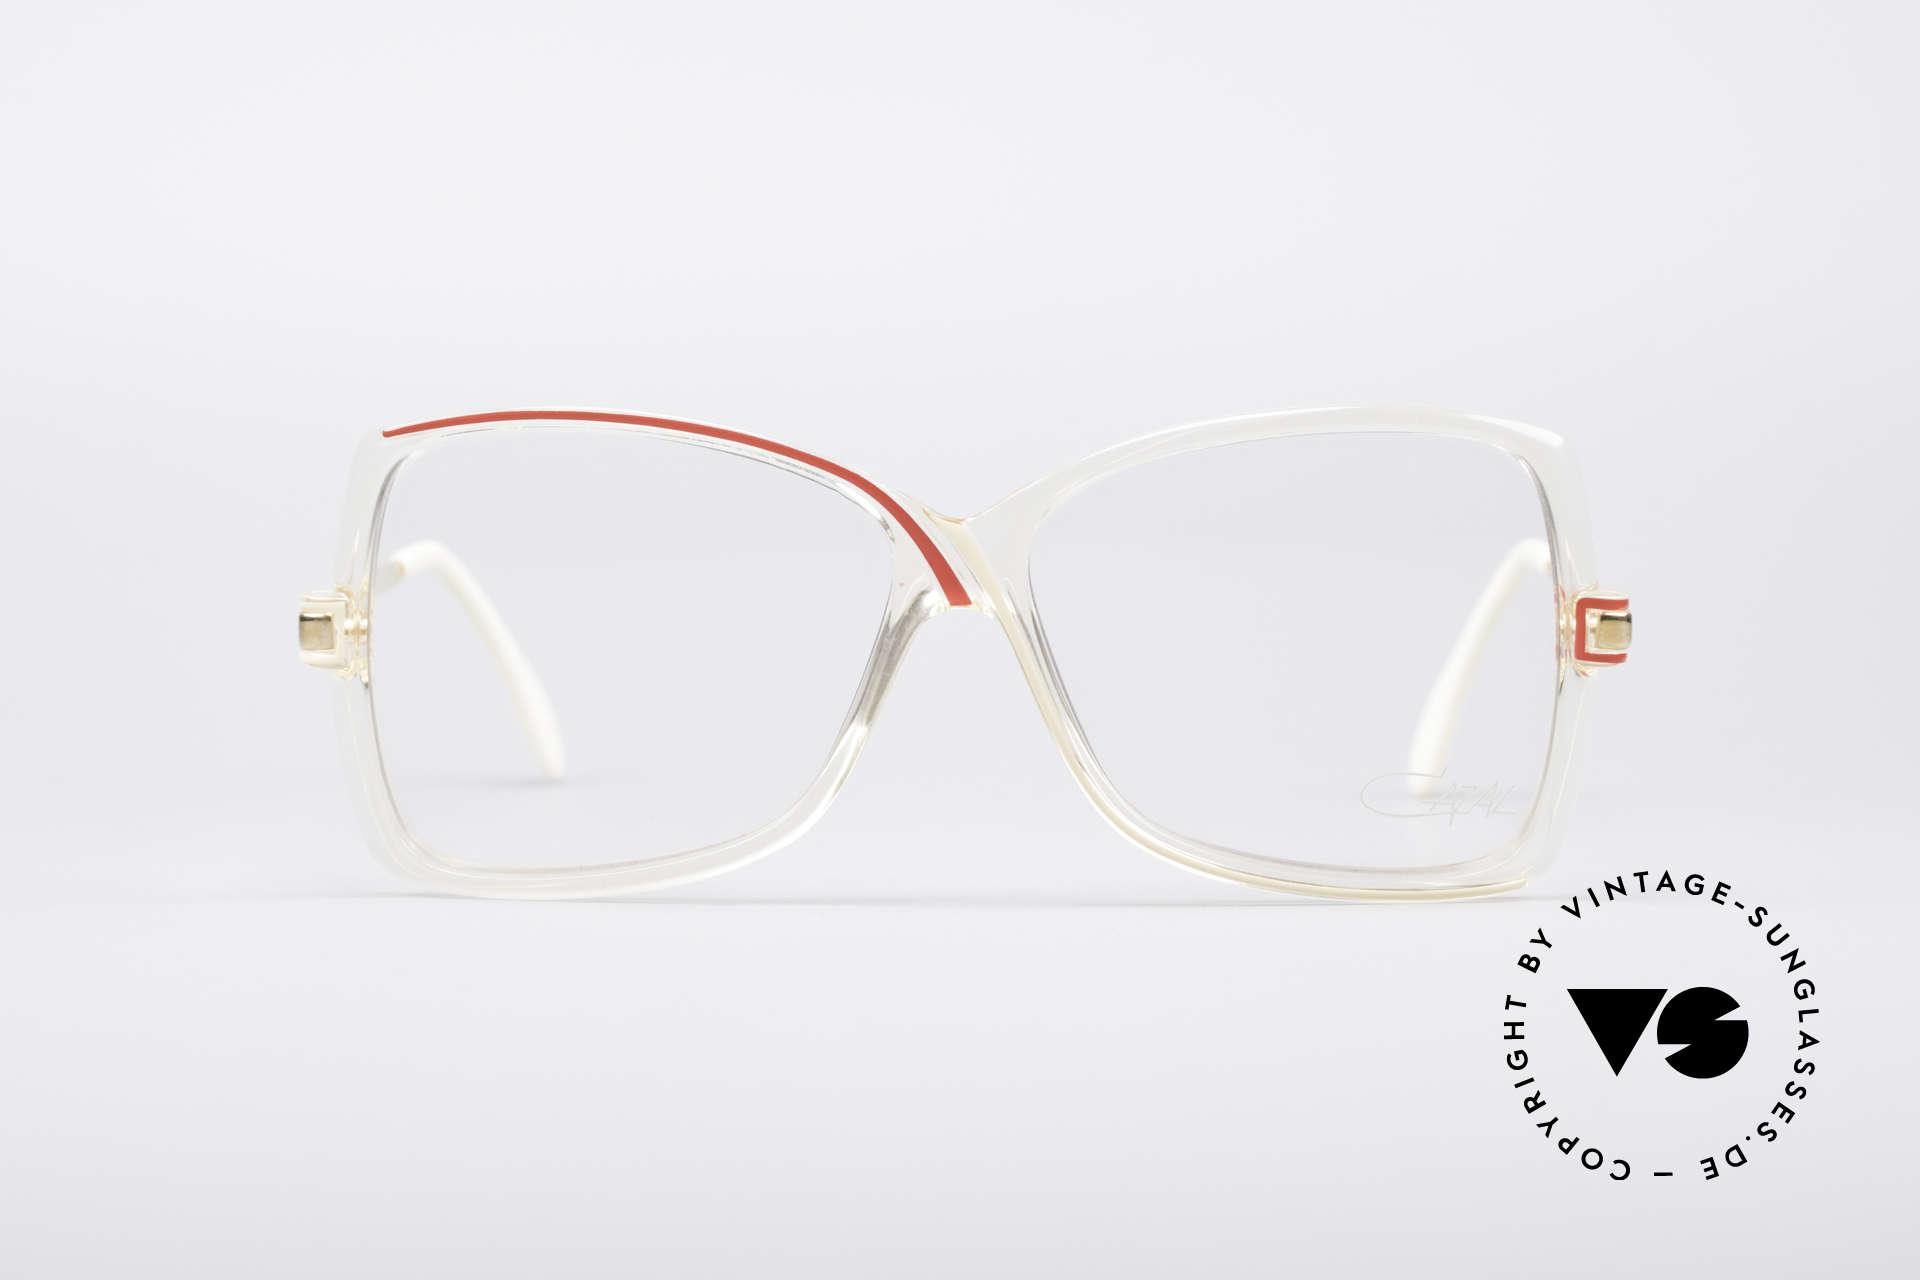 Cazal 175 Echt 80er Vintage Brille, transparenter Rahmen mit schwungvollen Linien, Passend für Damen